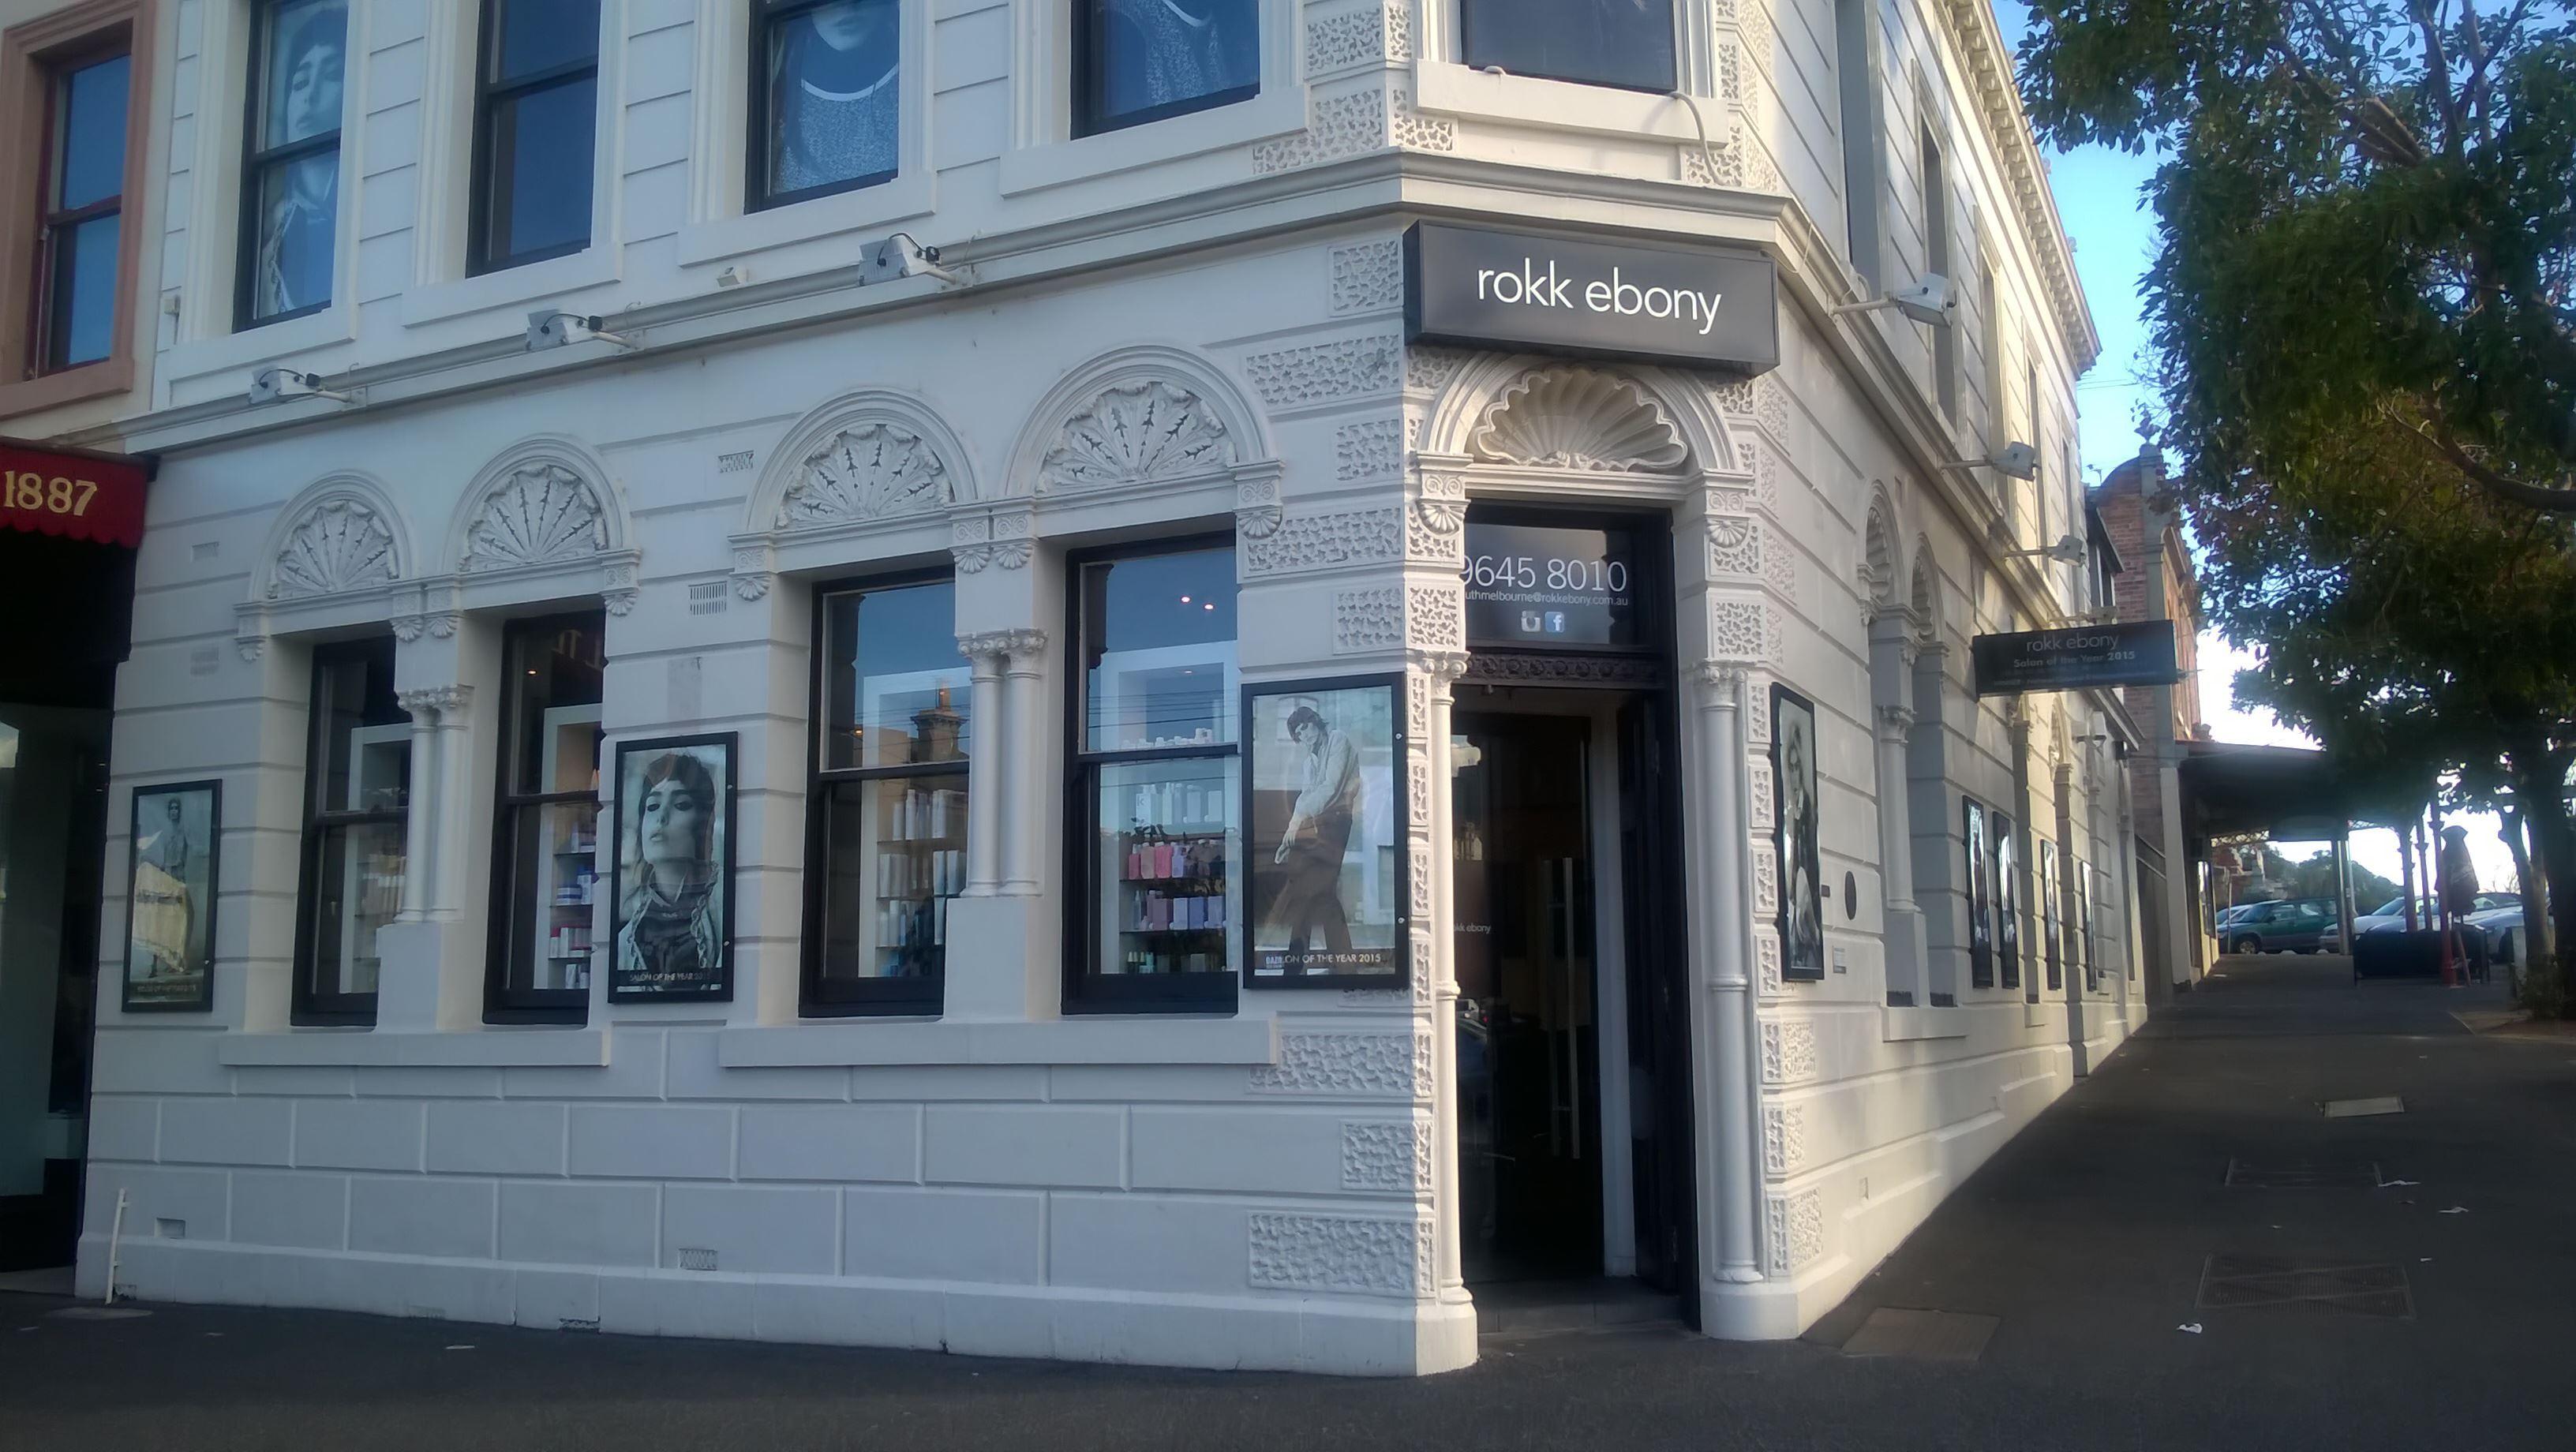 Rokk ebony salons